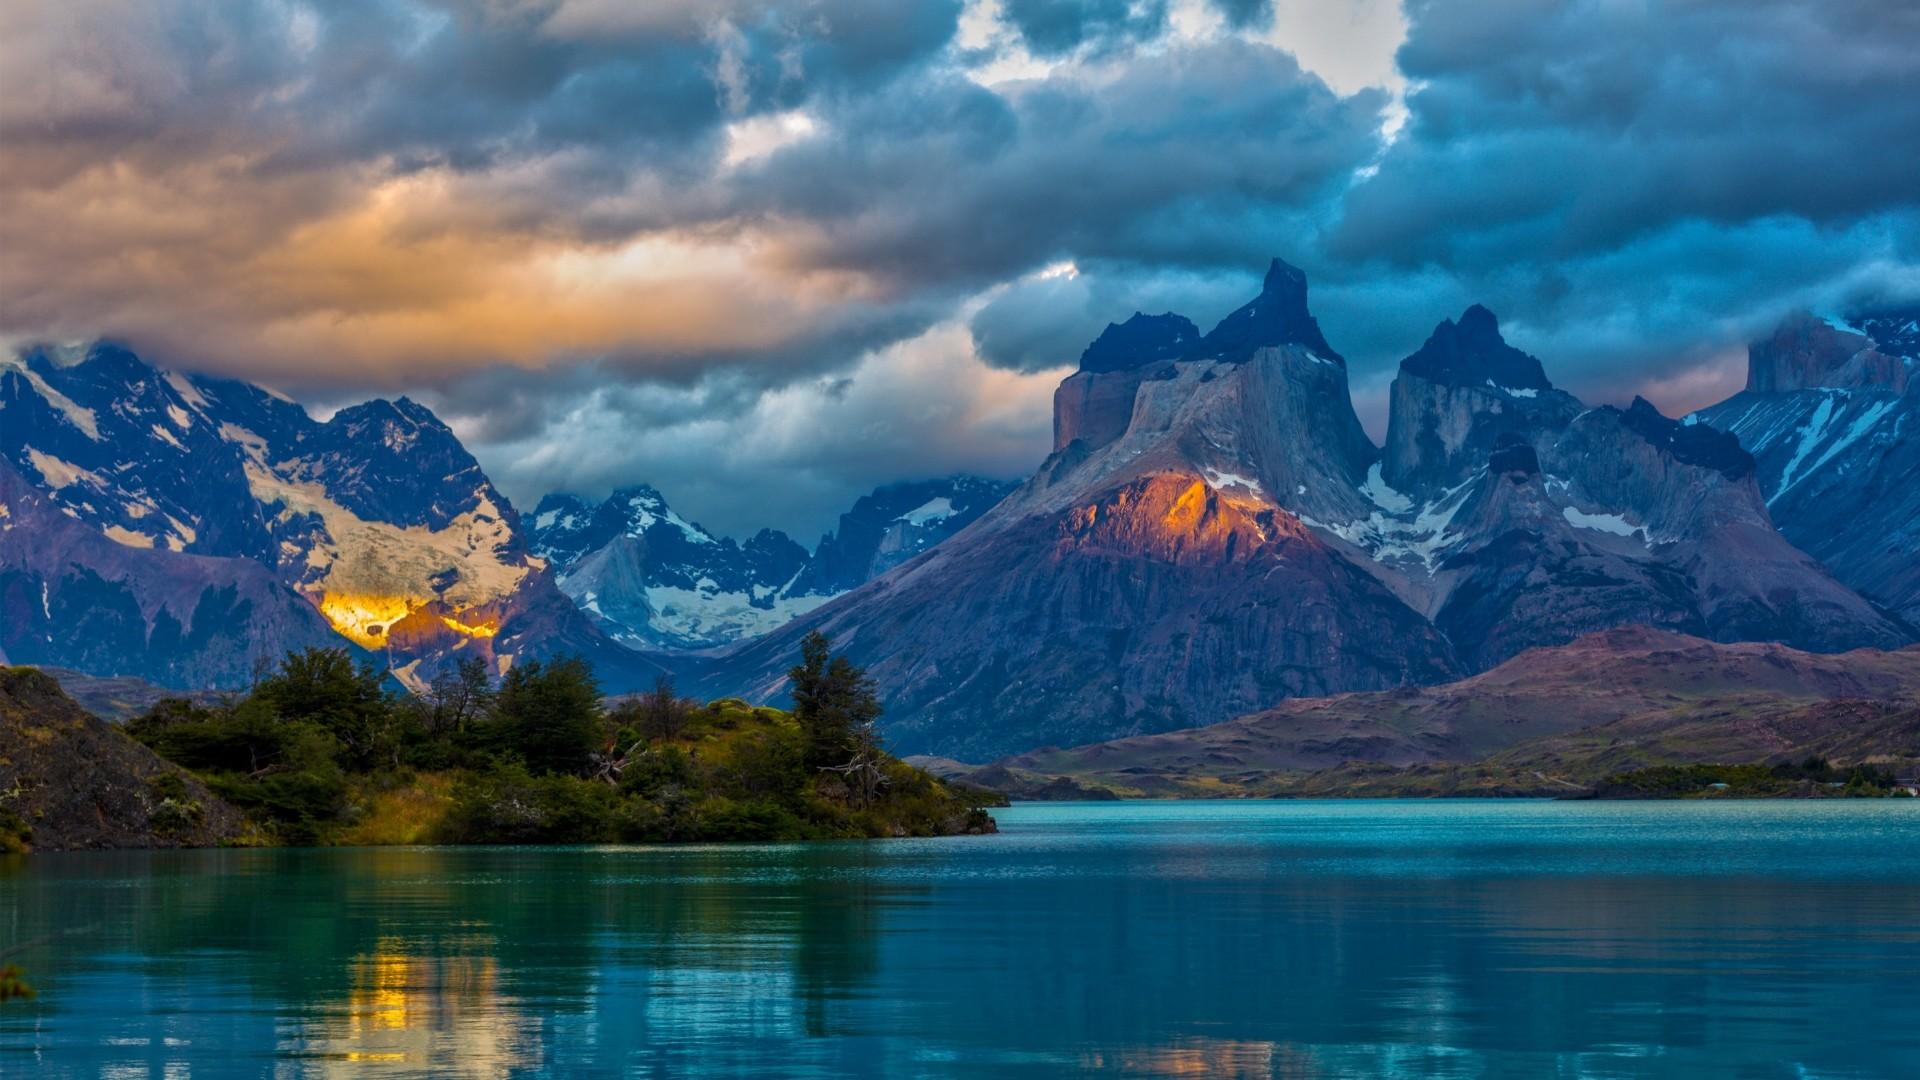 Landscape Wallpaper 1080p Wallpapertag